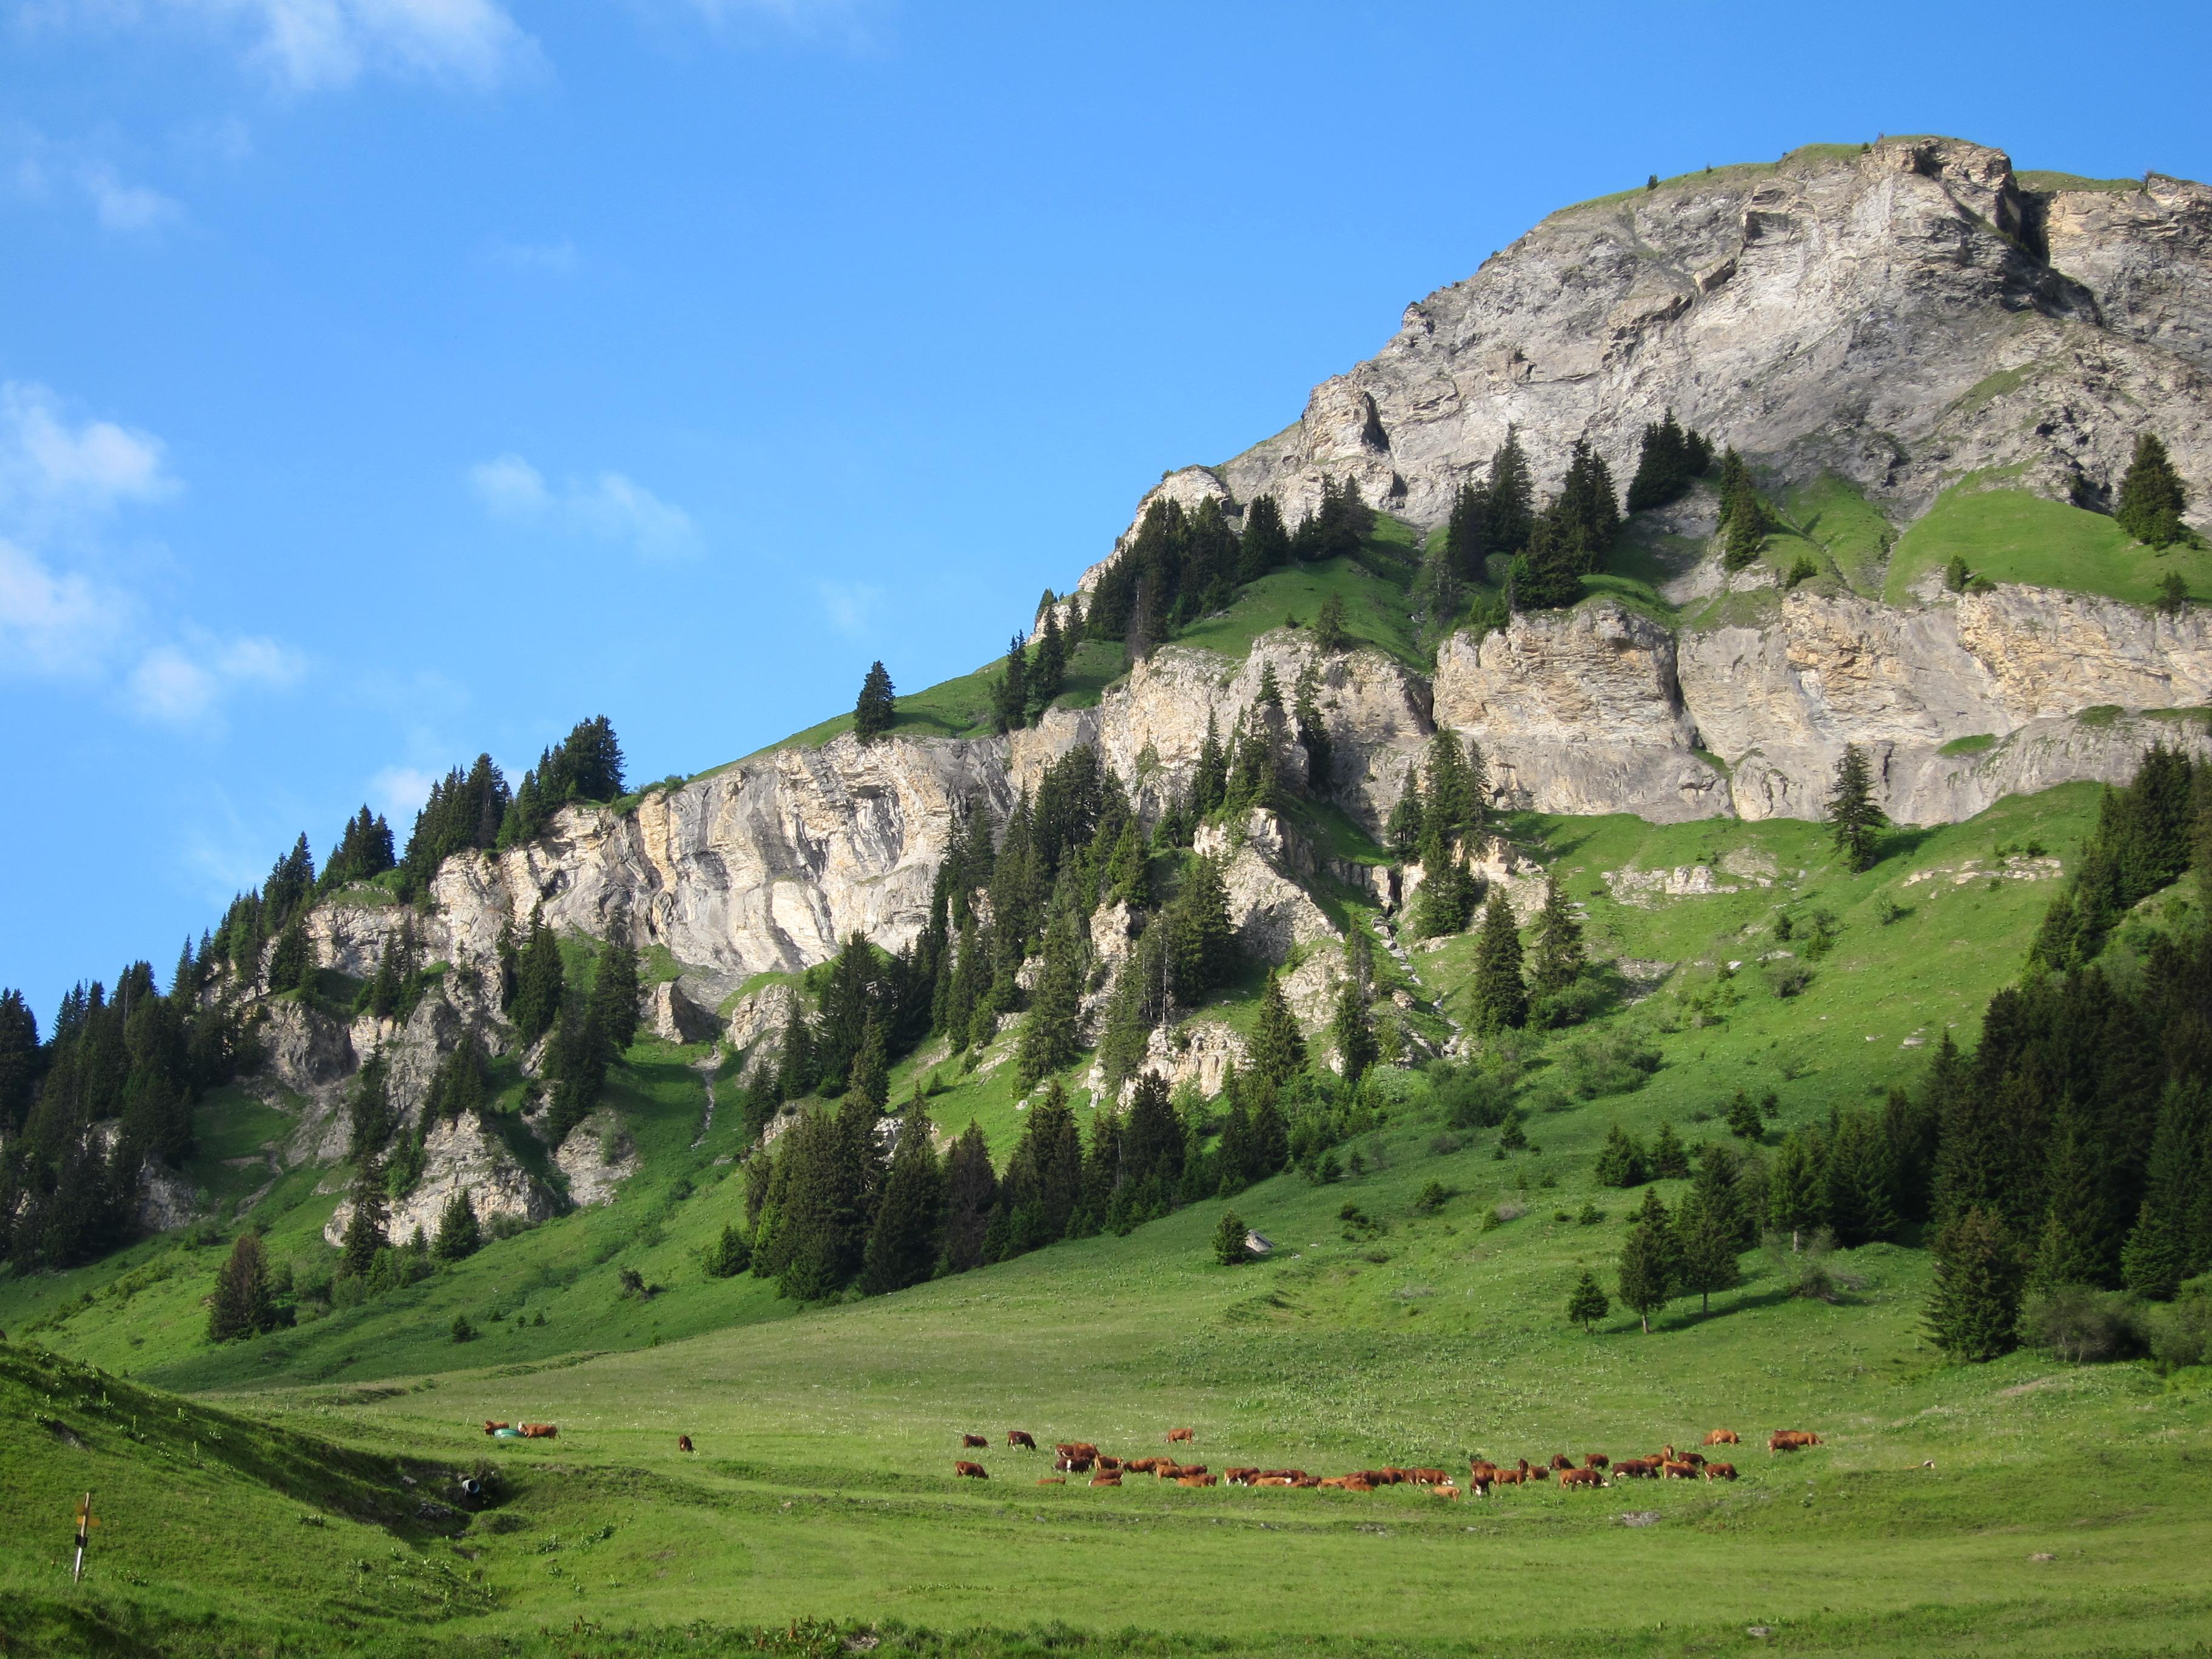 Granier alpage Plan Pichu © M. NGuyen - Fondation Facim